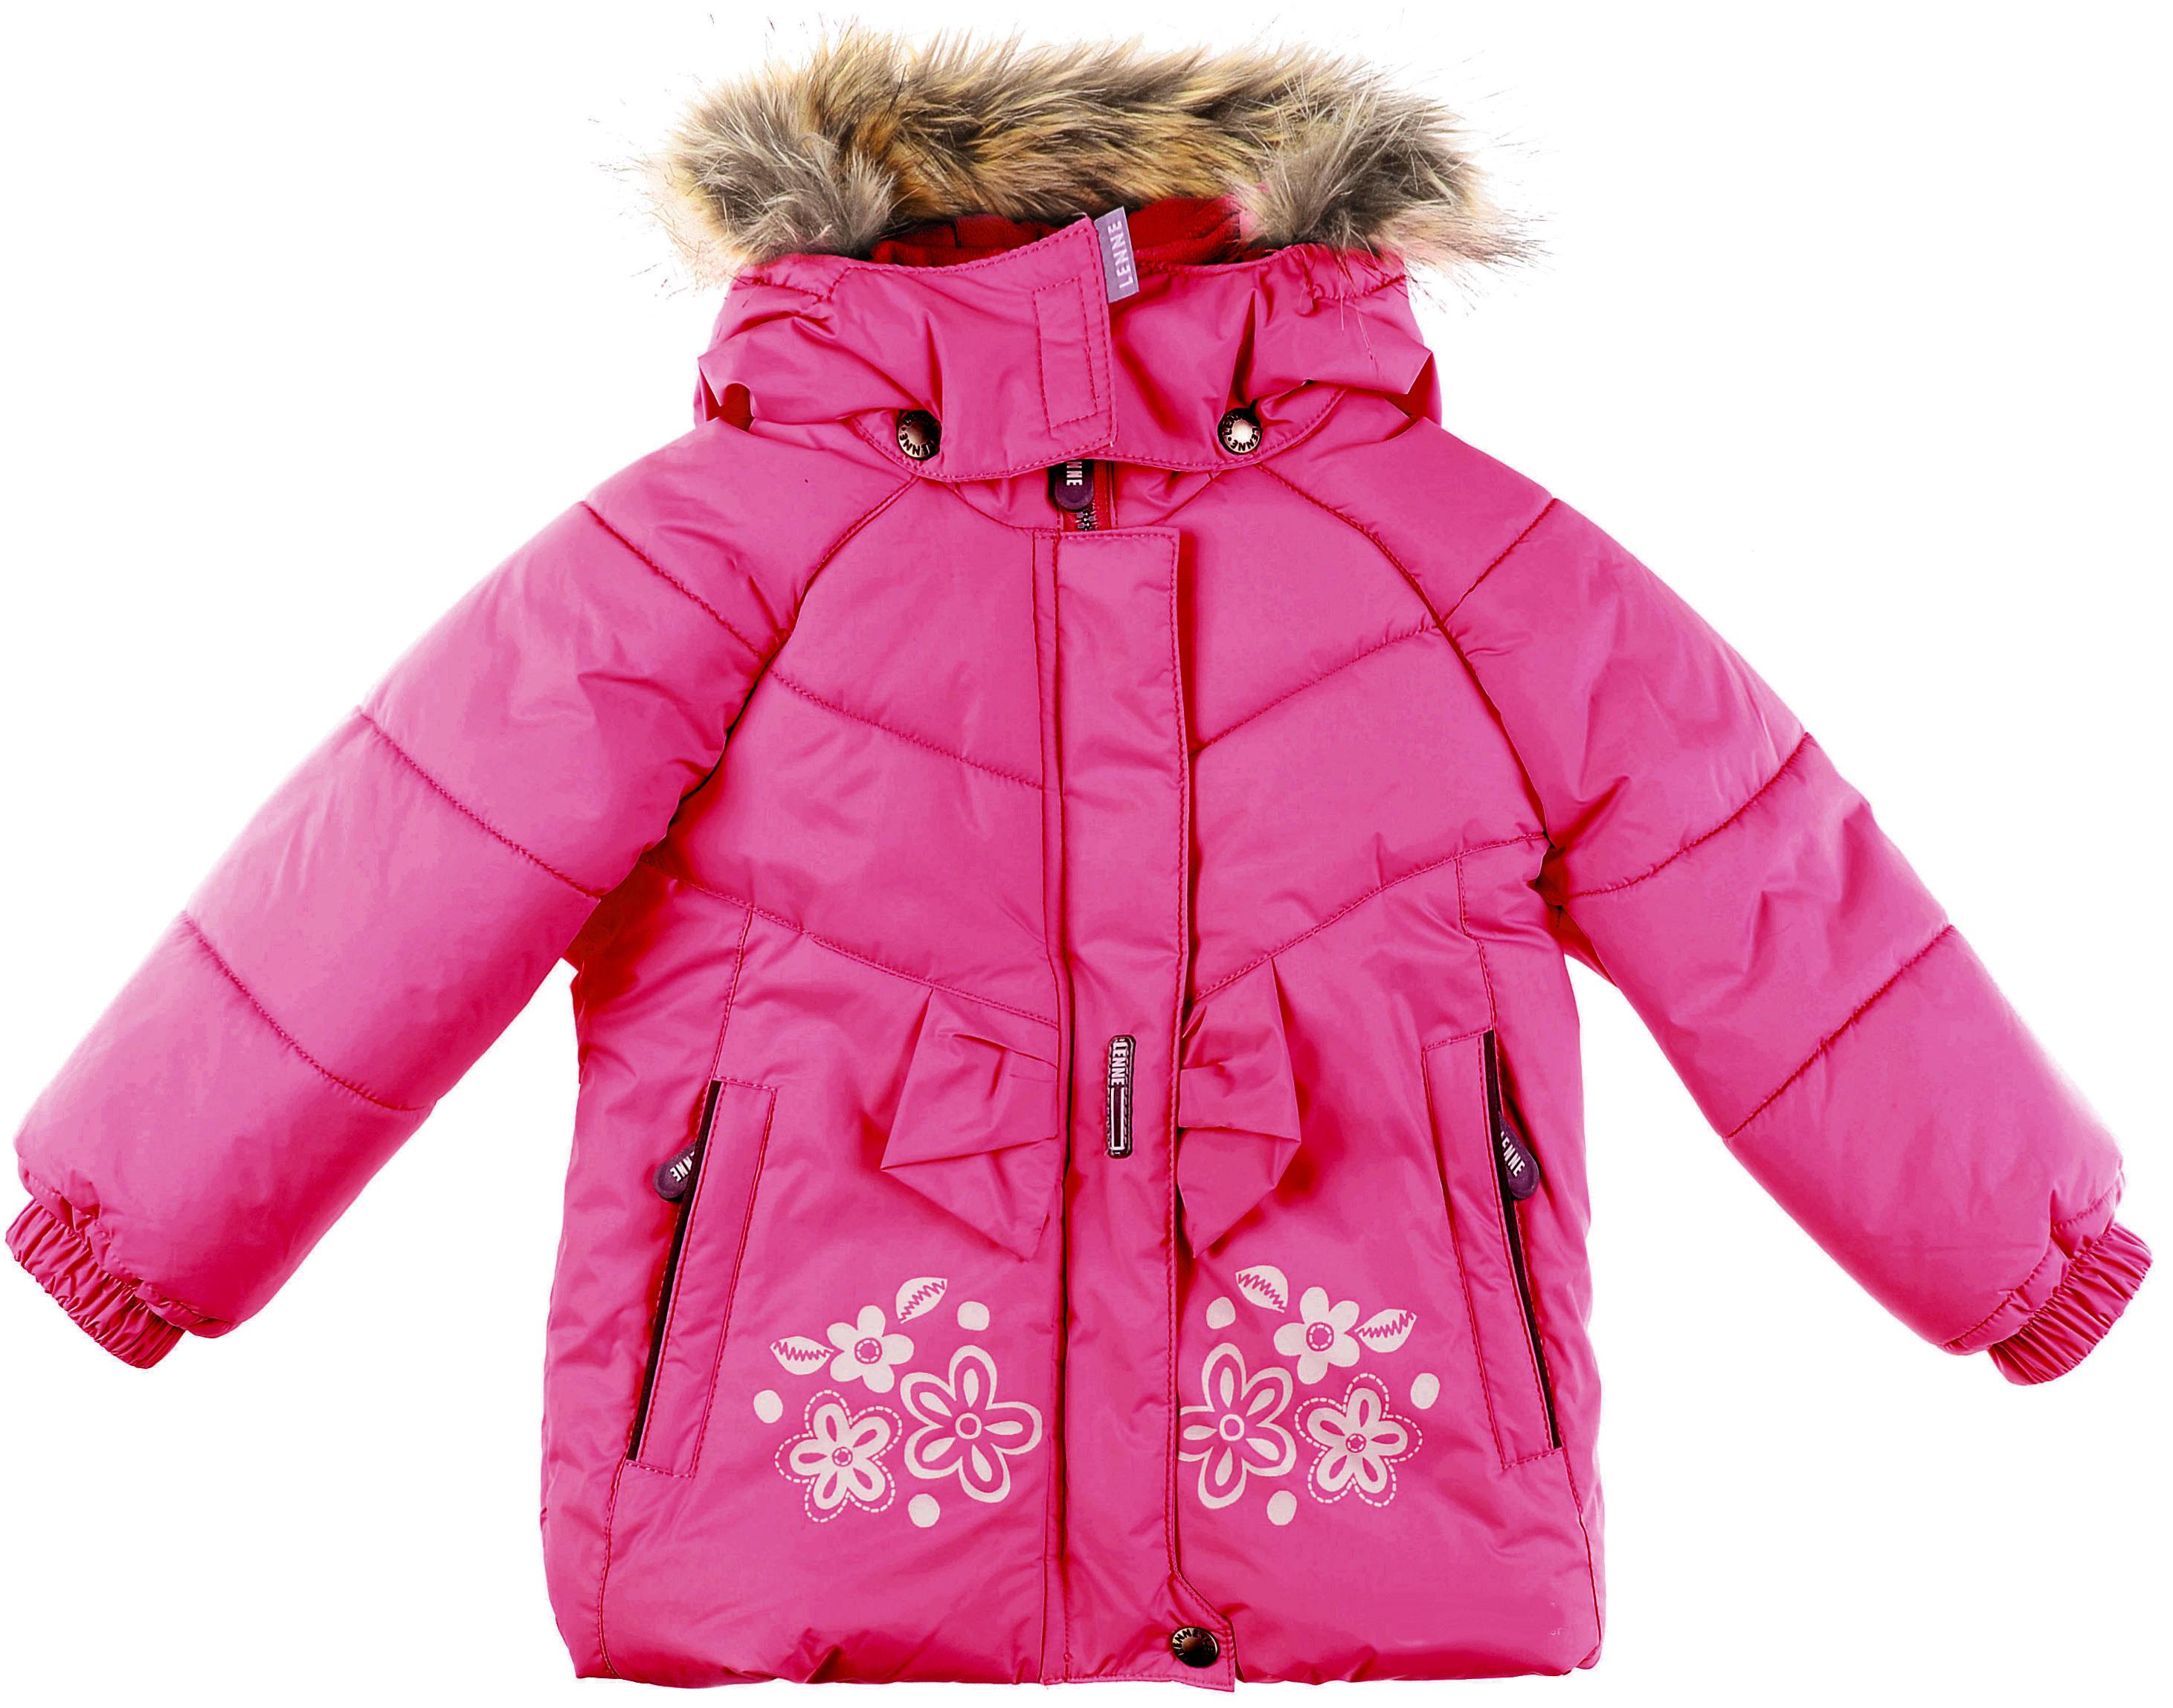 Lenne '17 Miia Art.16310/264 Bērnu siltā ziemas termo jaciņa [jaka] (74-86 cm) krāsa:264